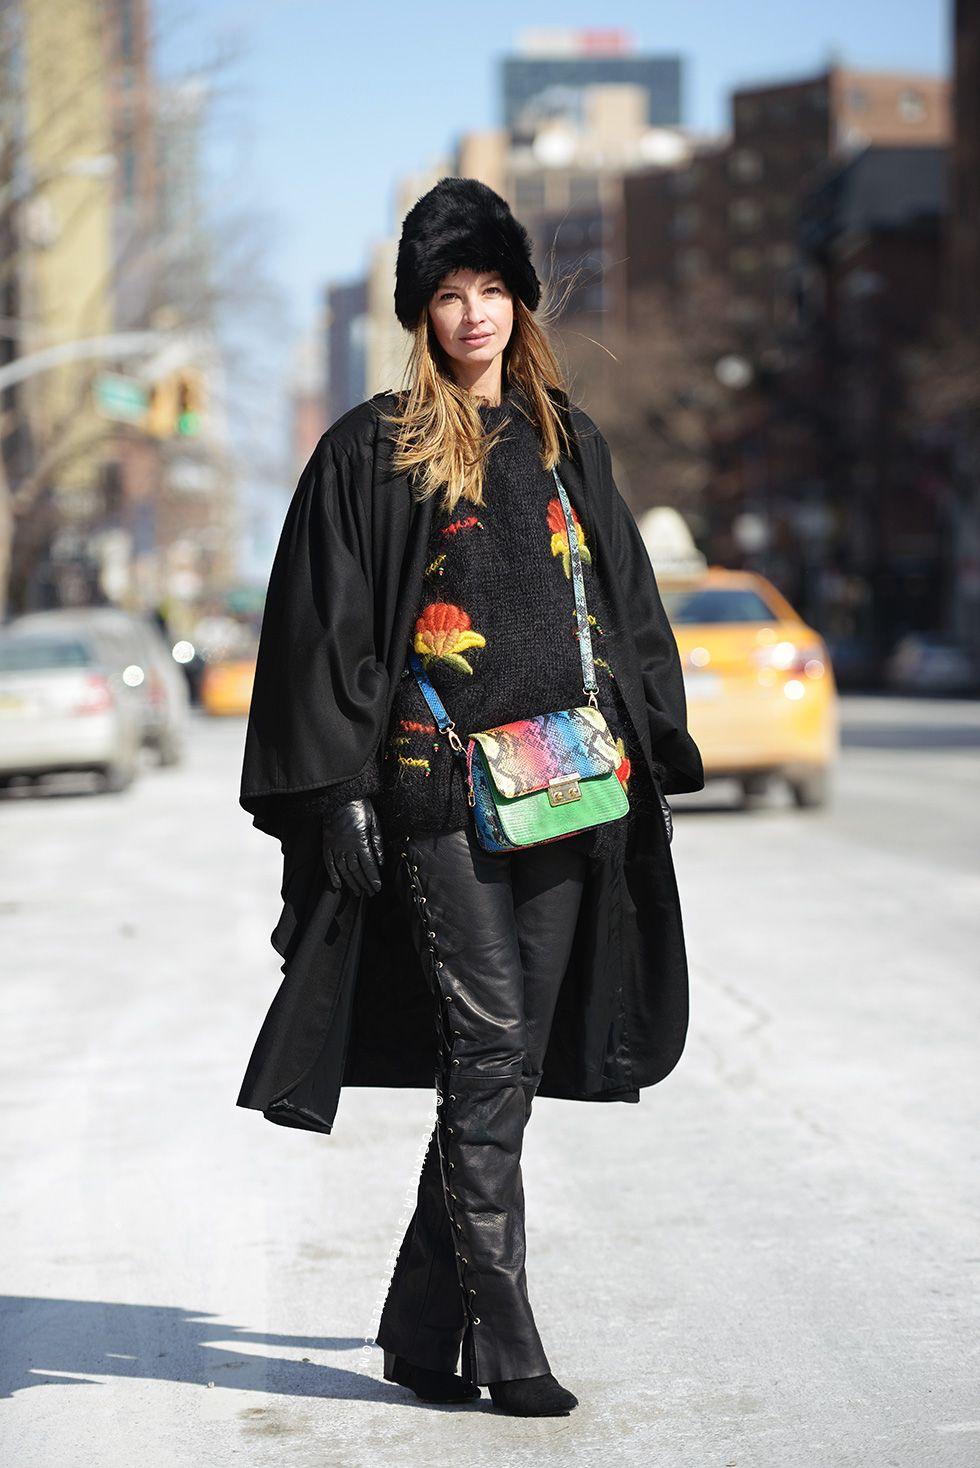 #ClaraRasz getting into the cape caper in NYC.